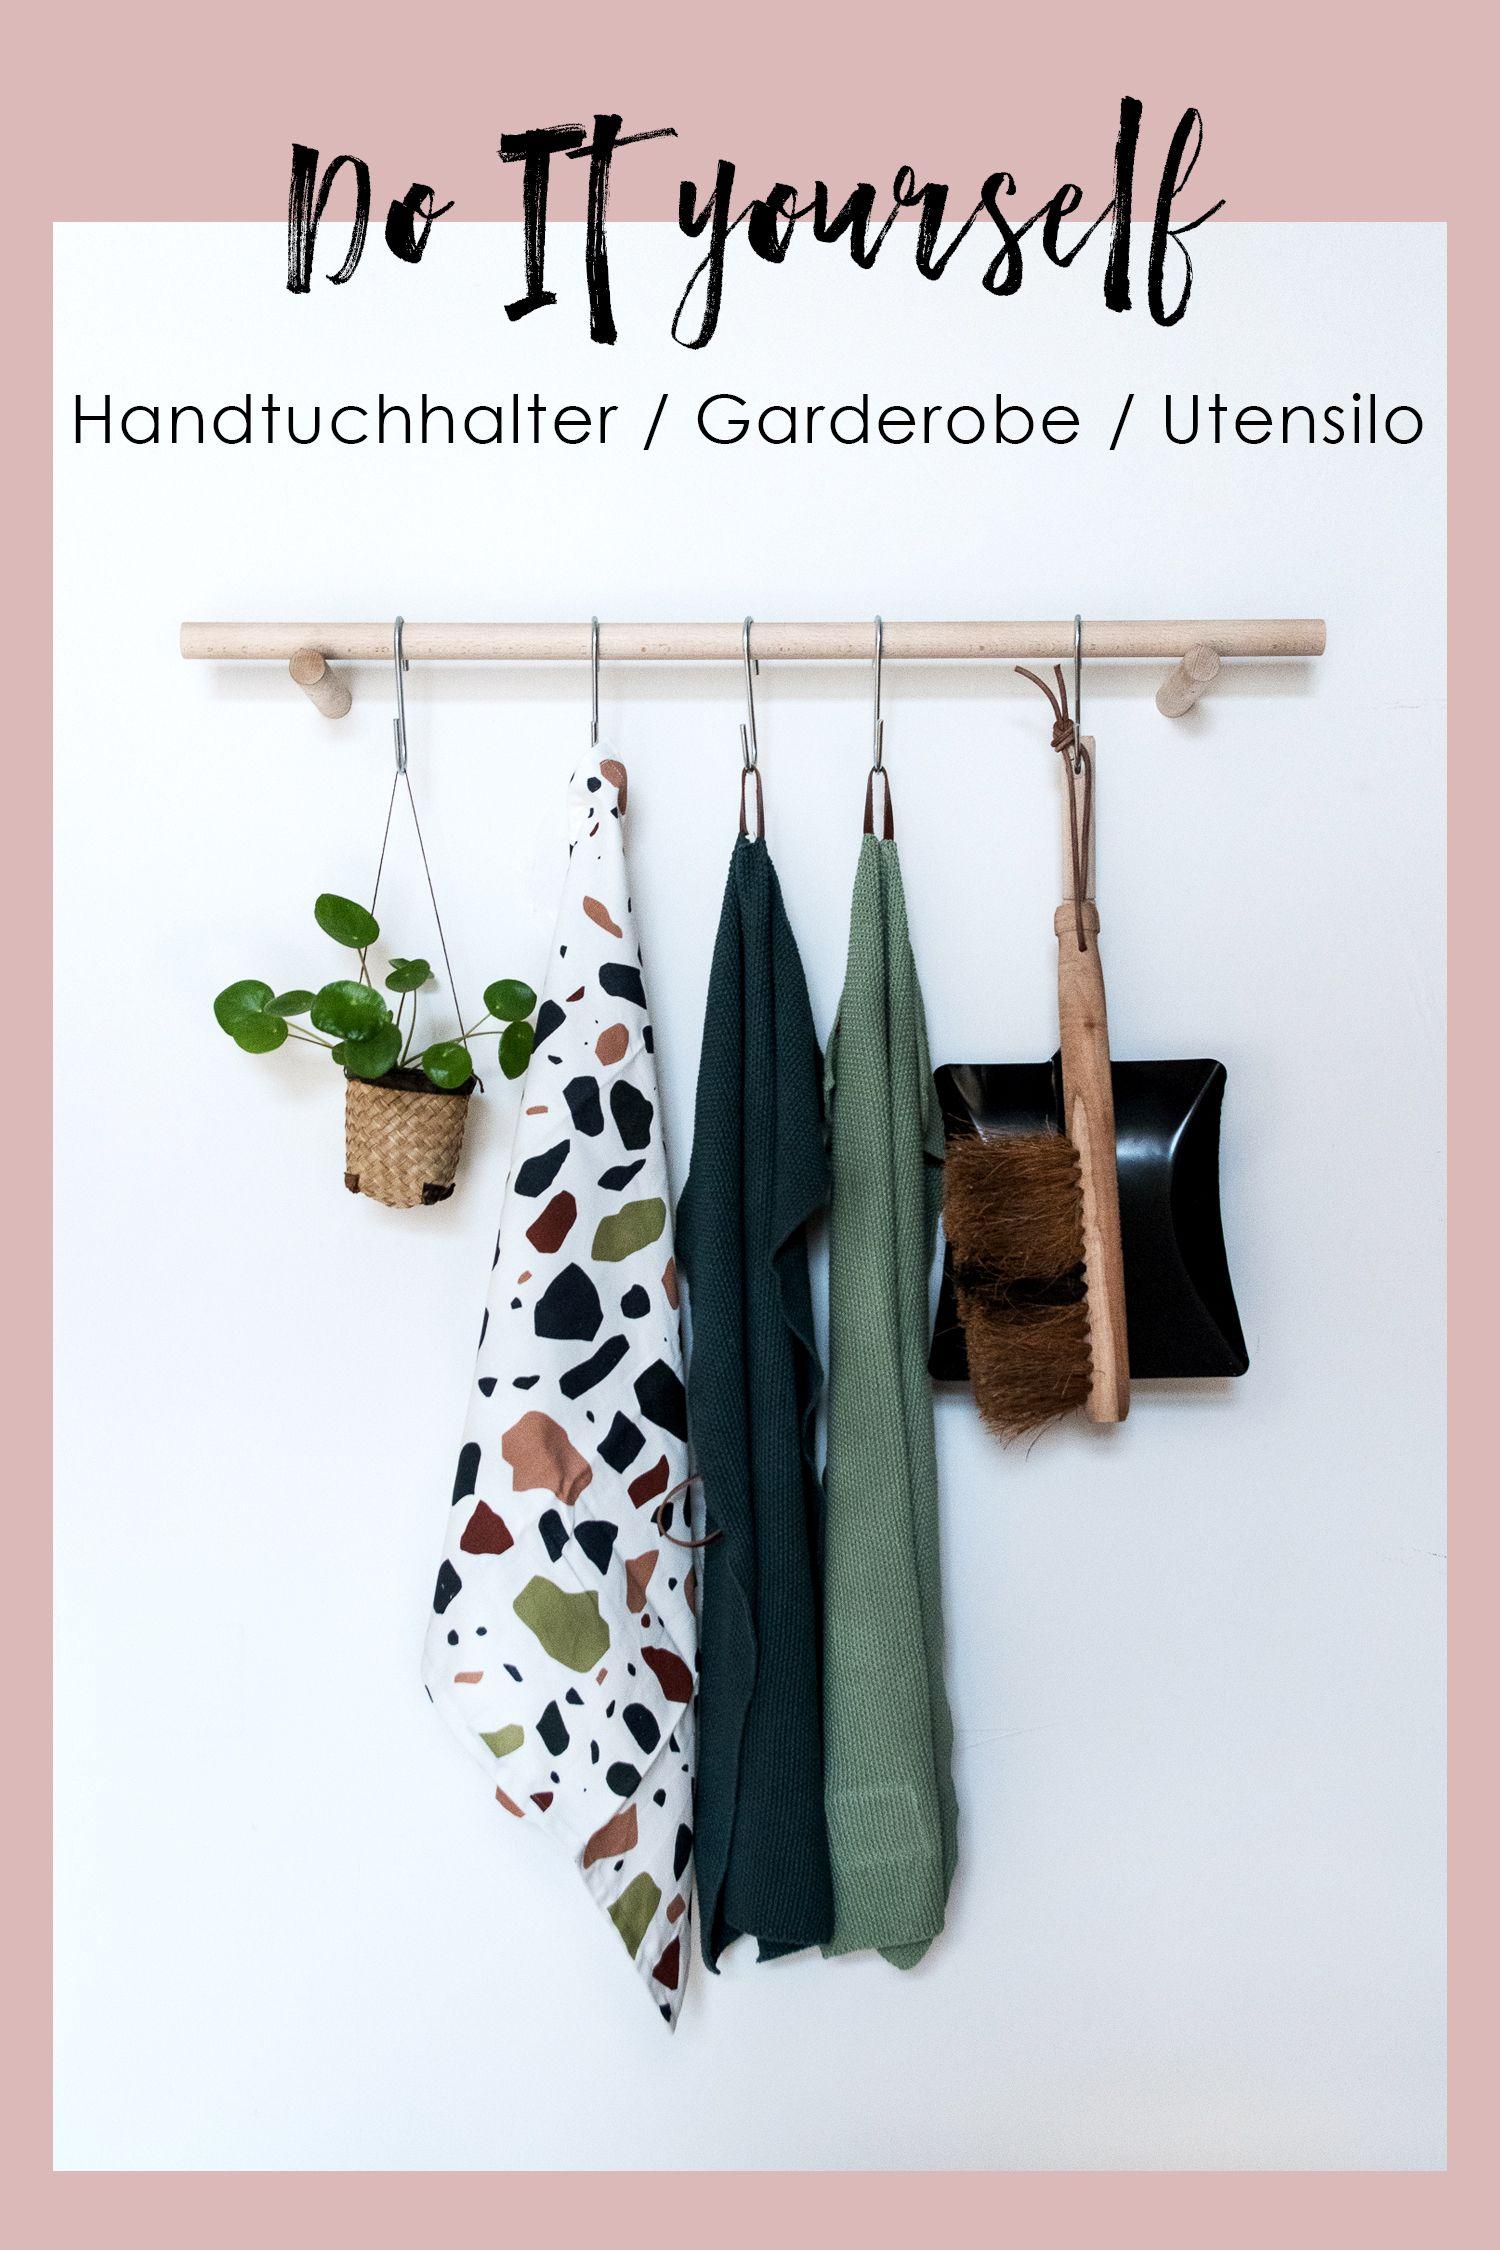 Schwebende Küchengarderobe DIY Geschirrtuchhalter aus Holz craftifair